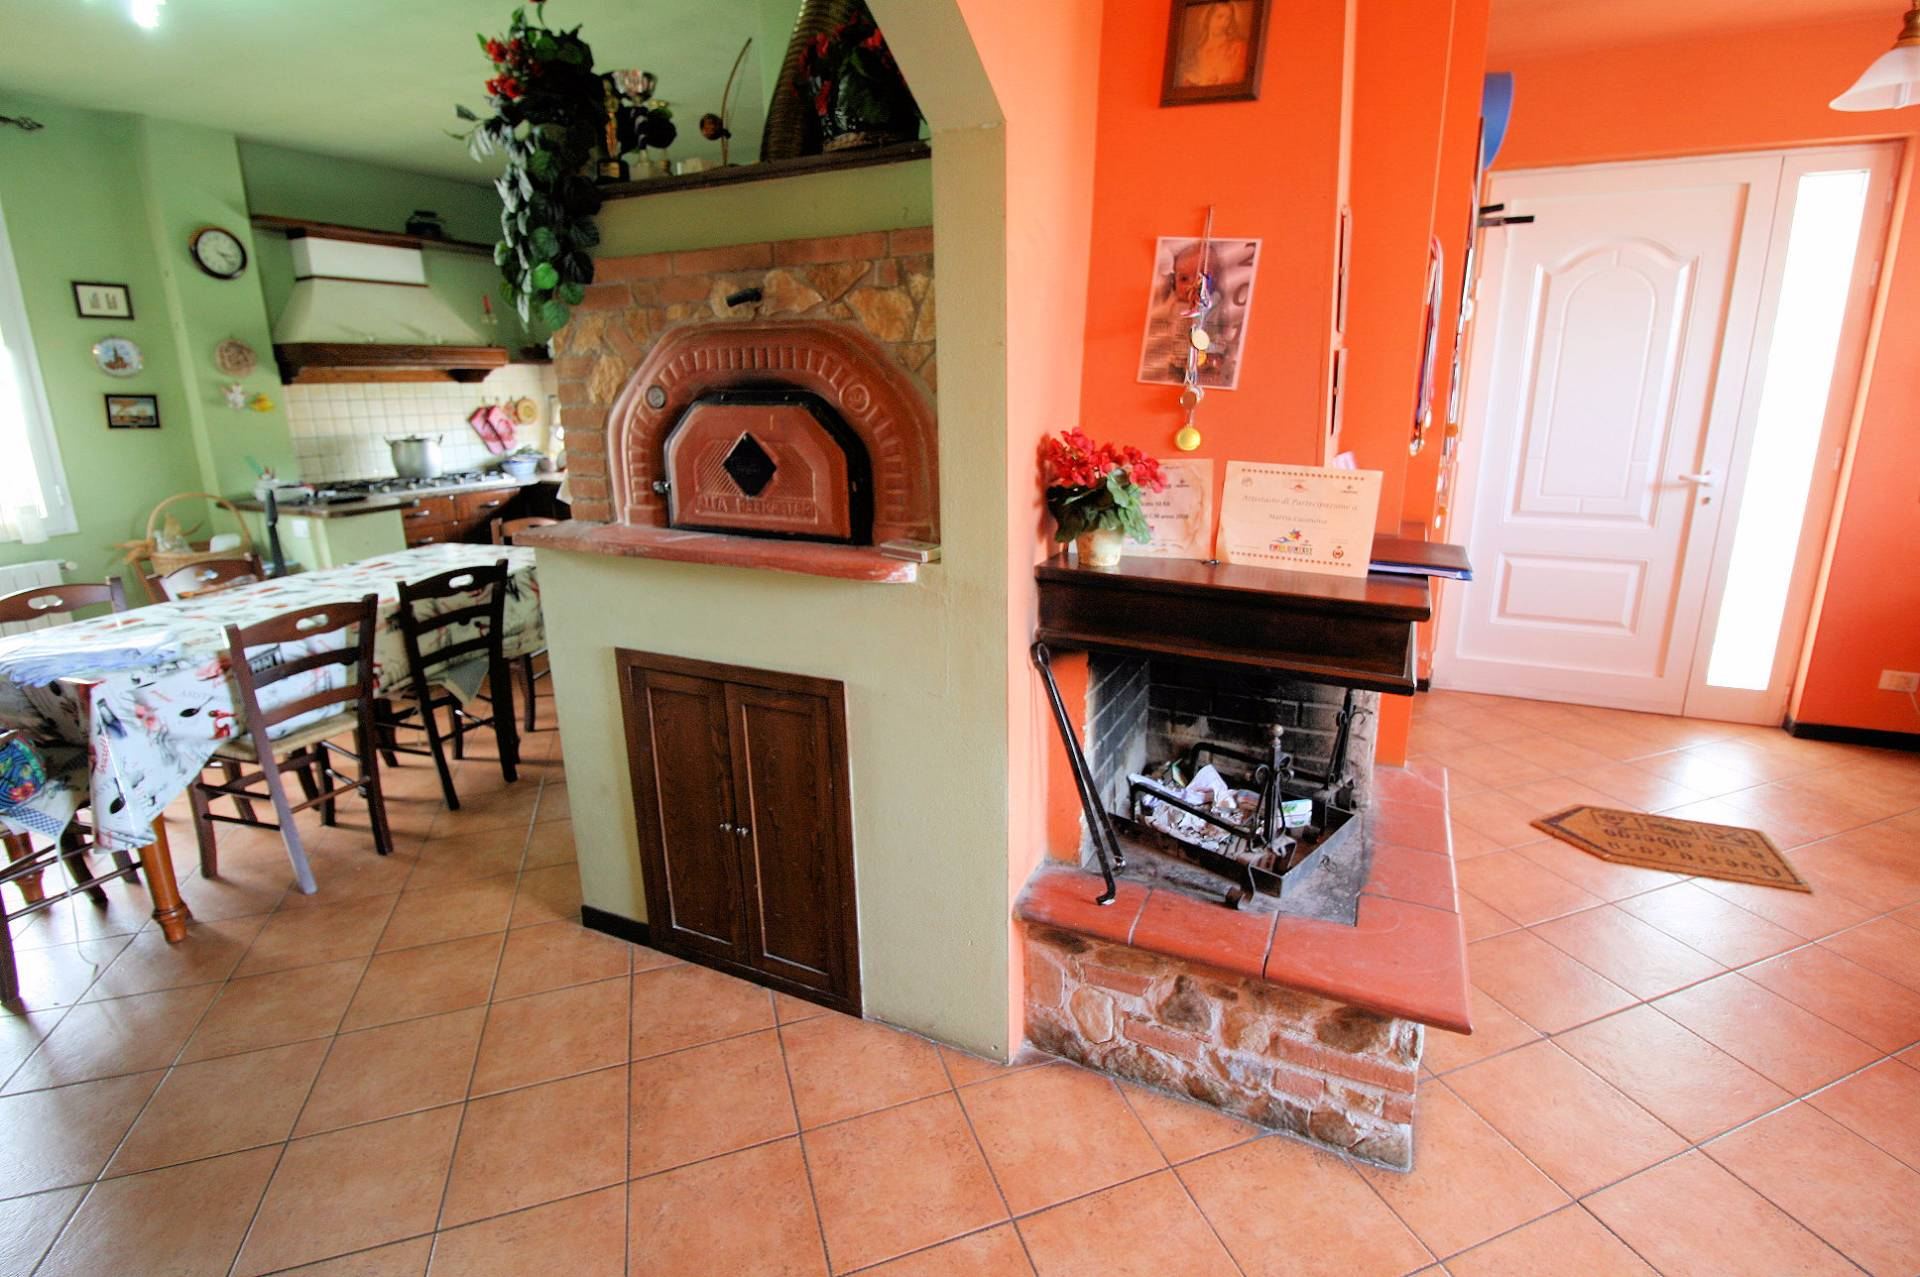 Villa in vendita a Massarosa, 12 locali, zona Zona: Massarosa, prezzo € 449.000 | Cambio Casa.it